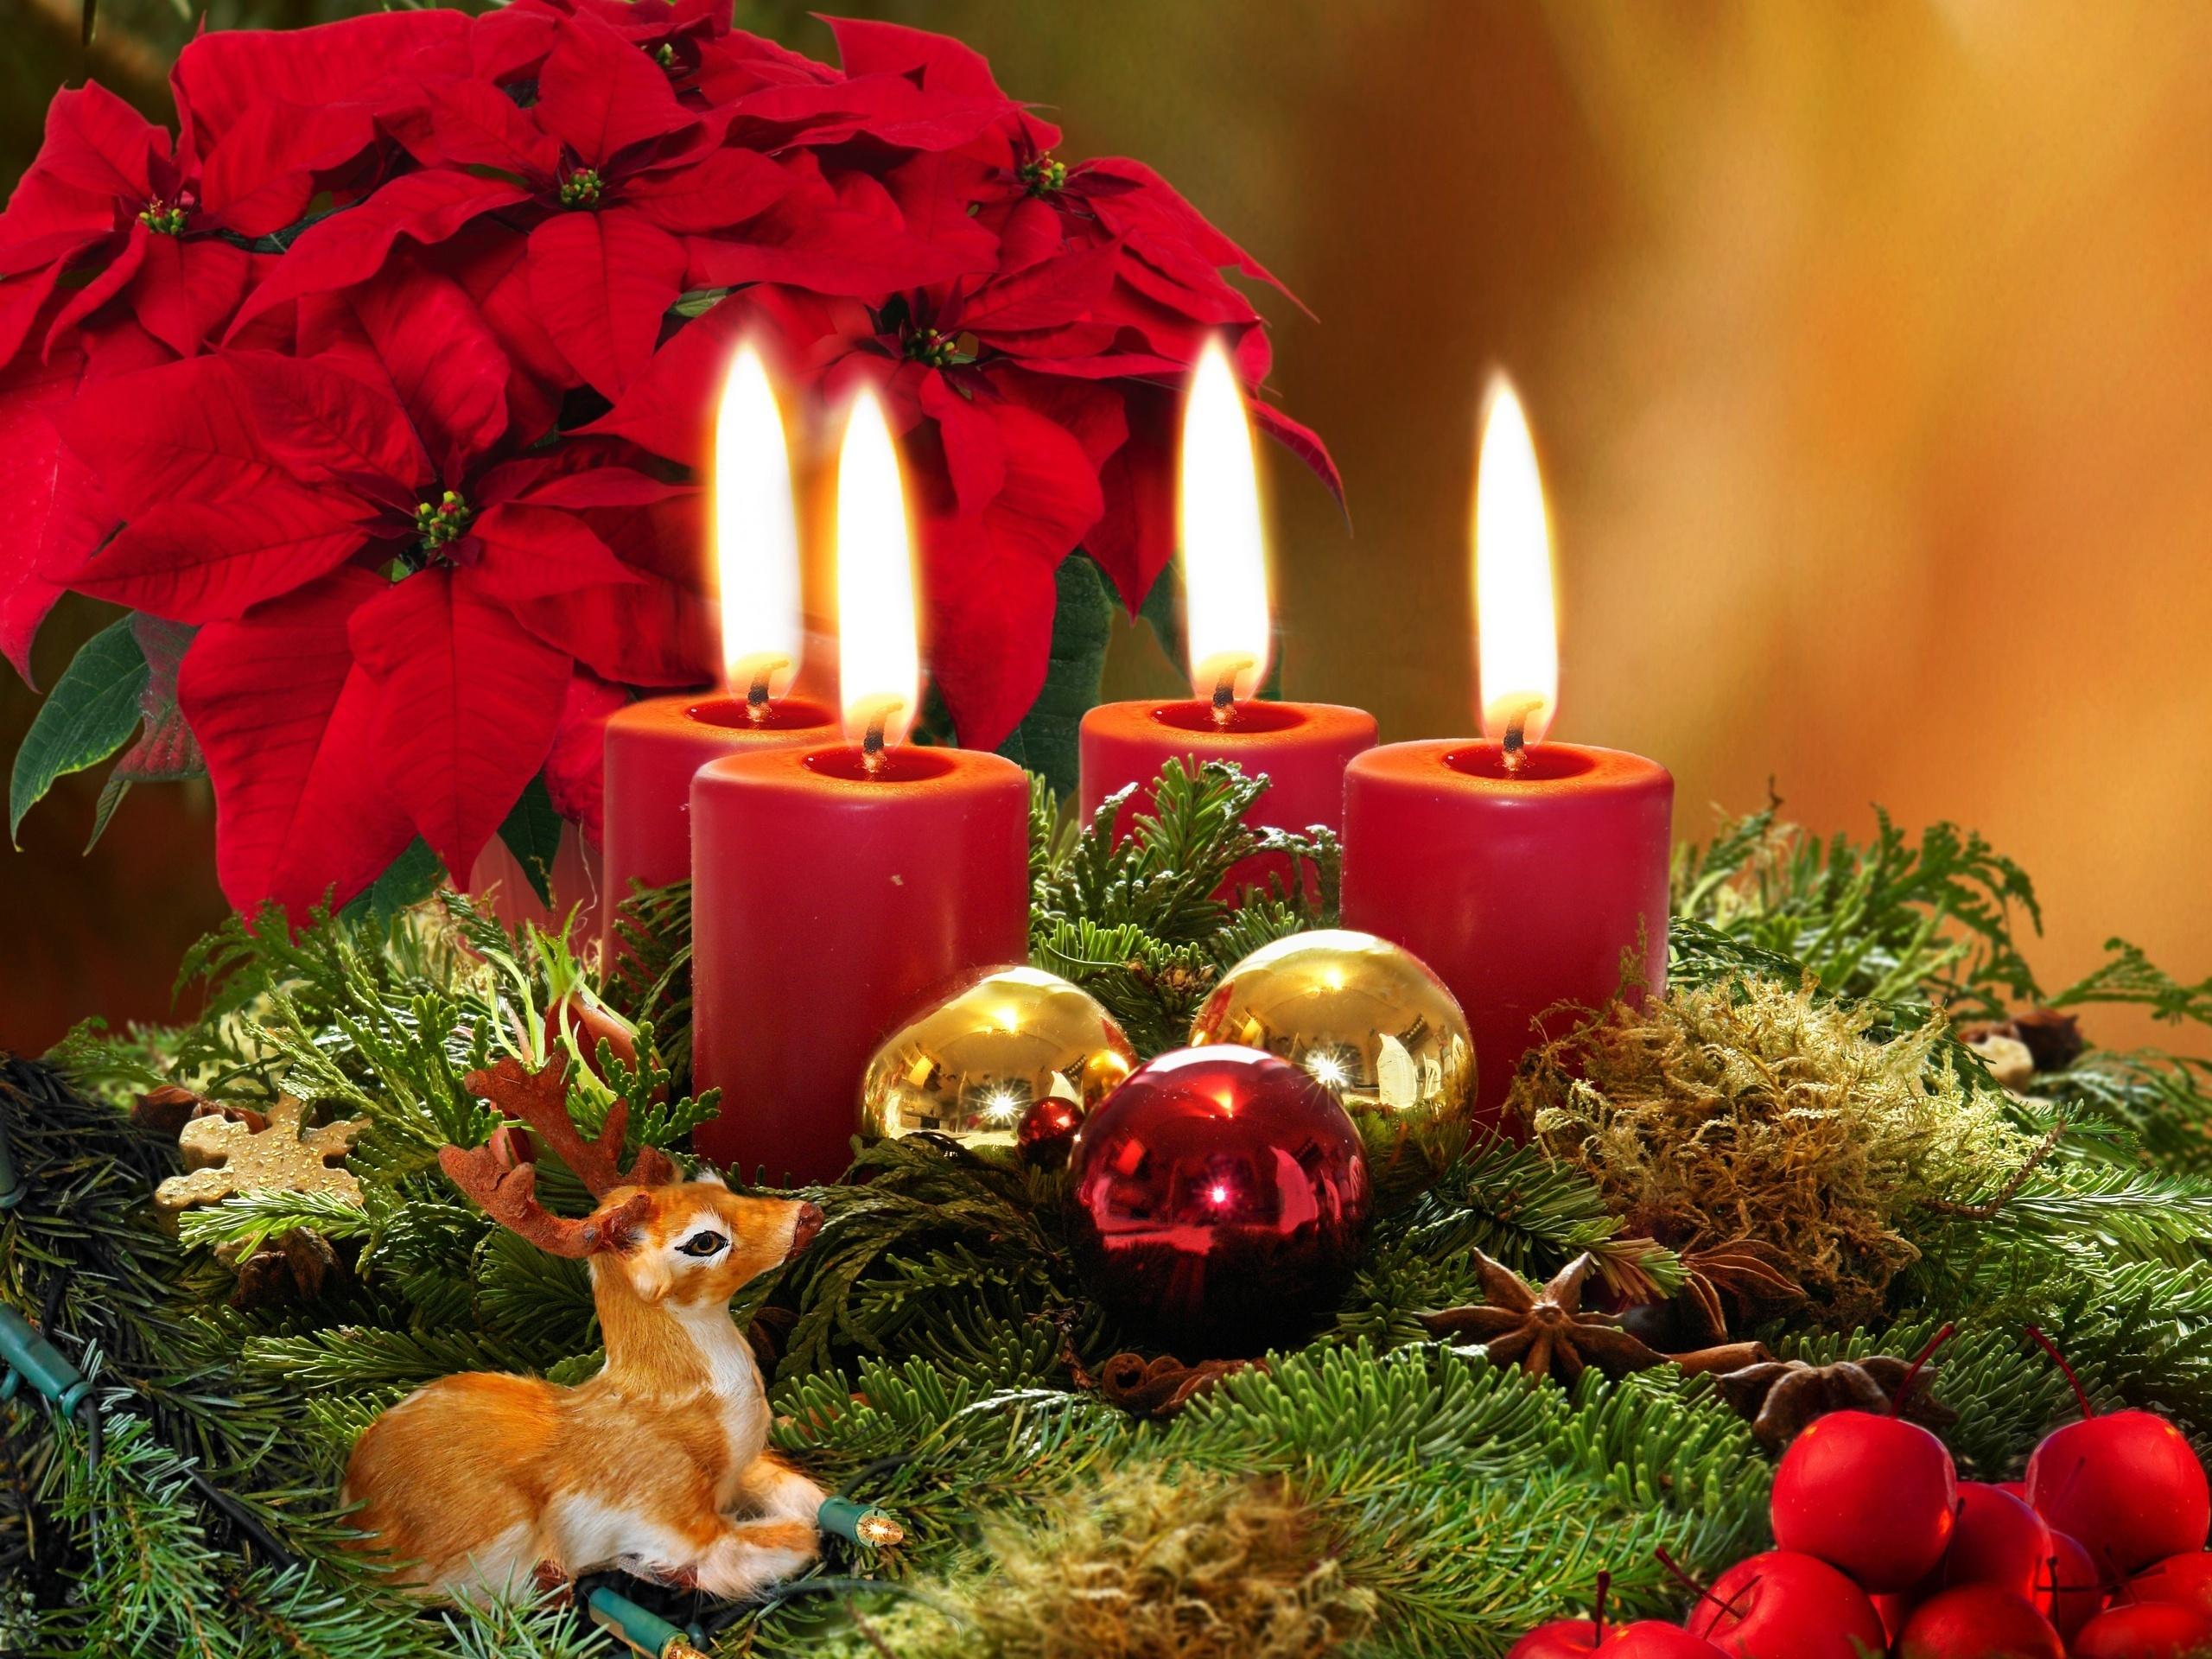 Открытки рождественская свеча, метле гифка открытки